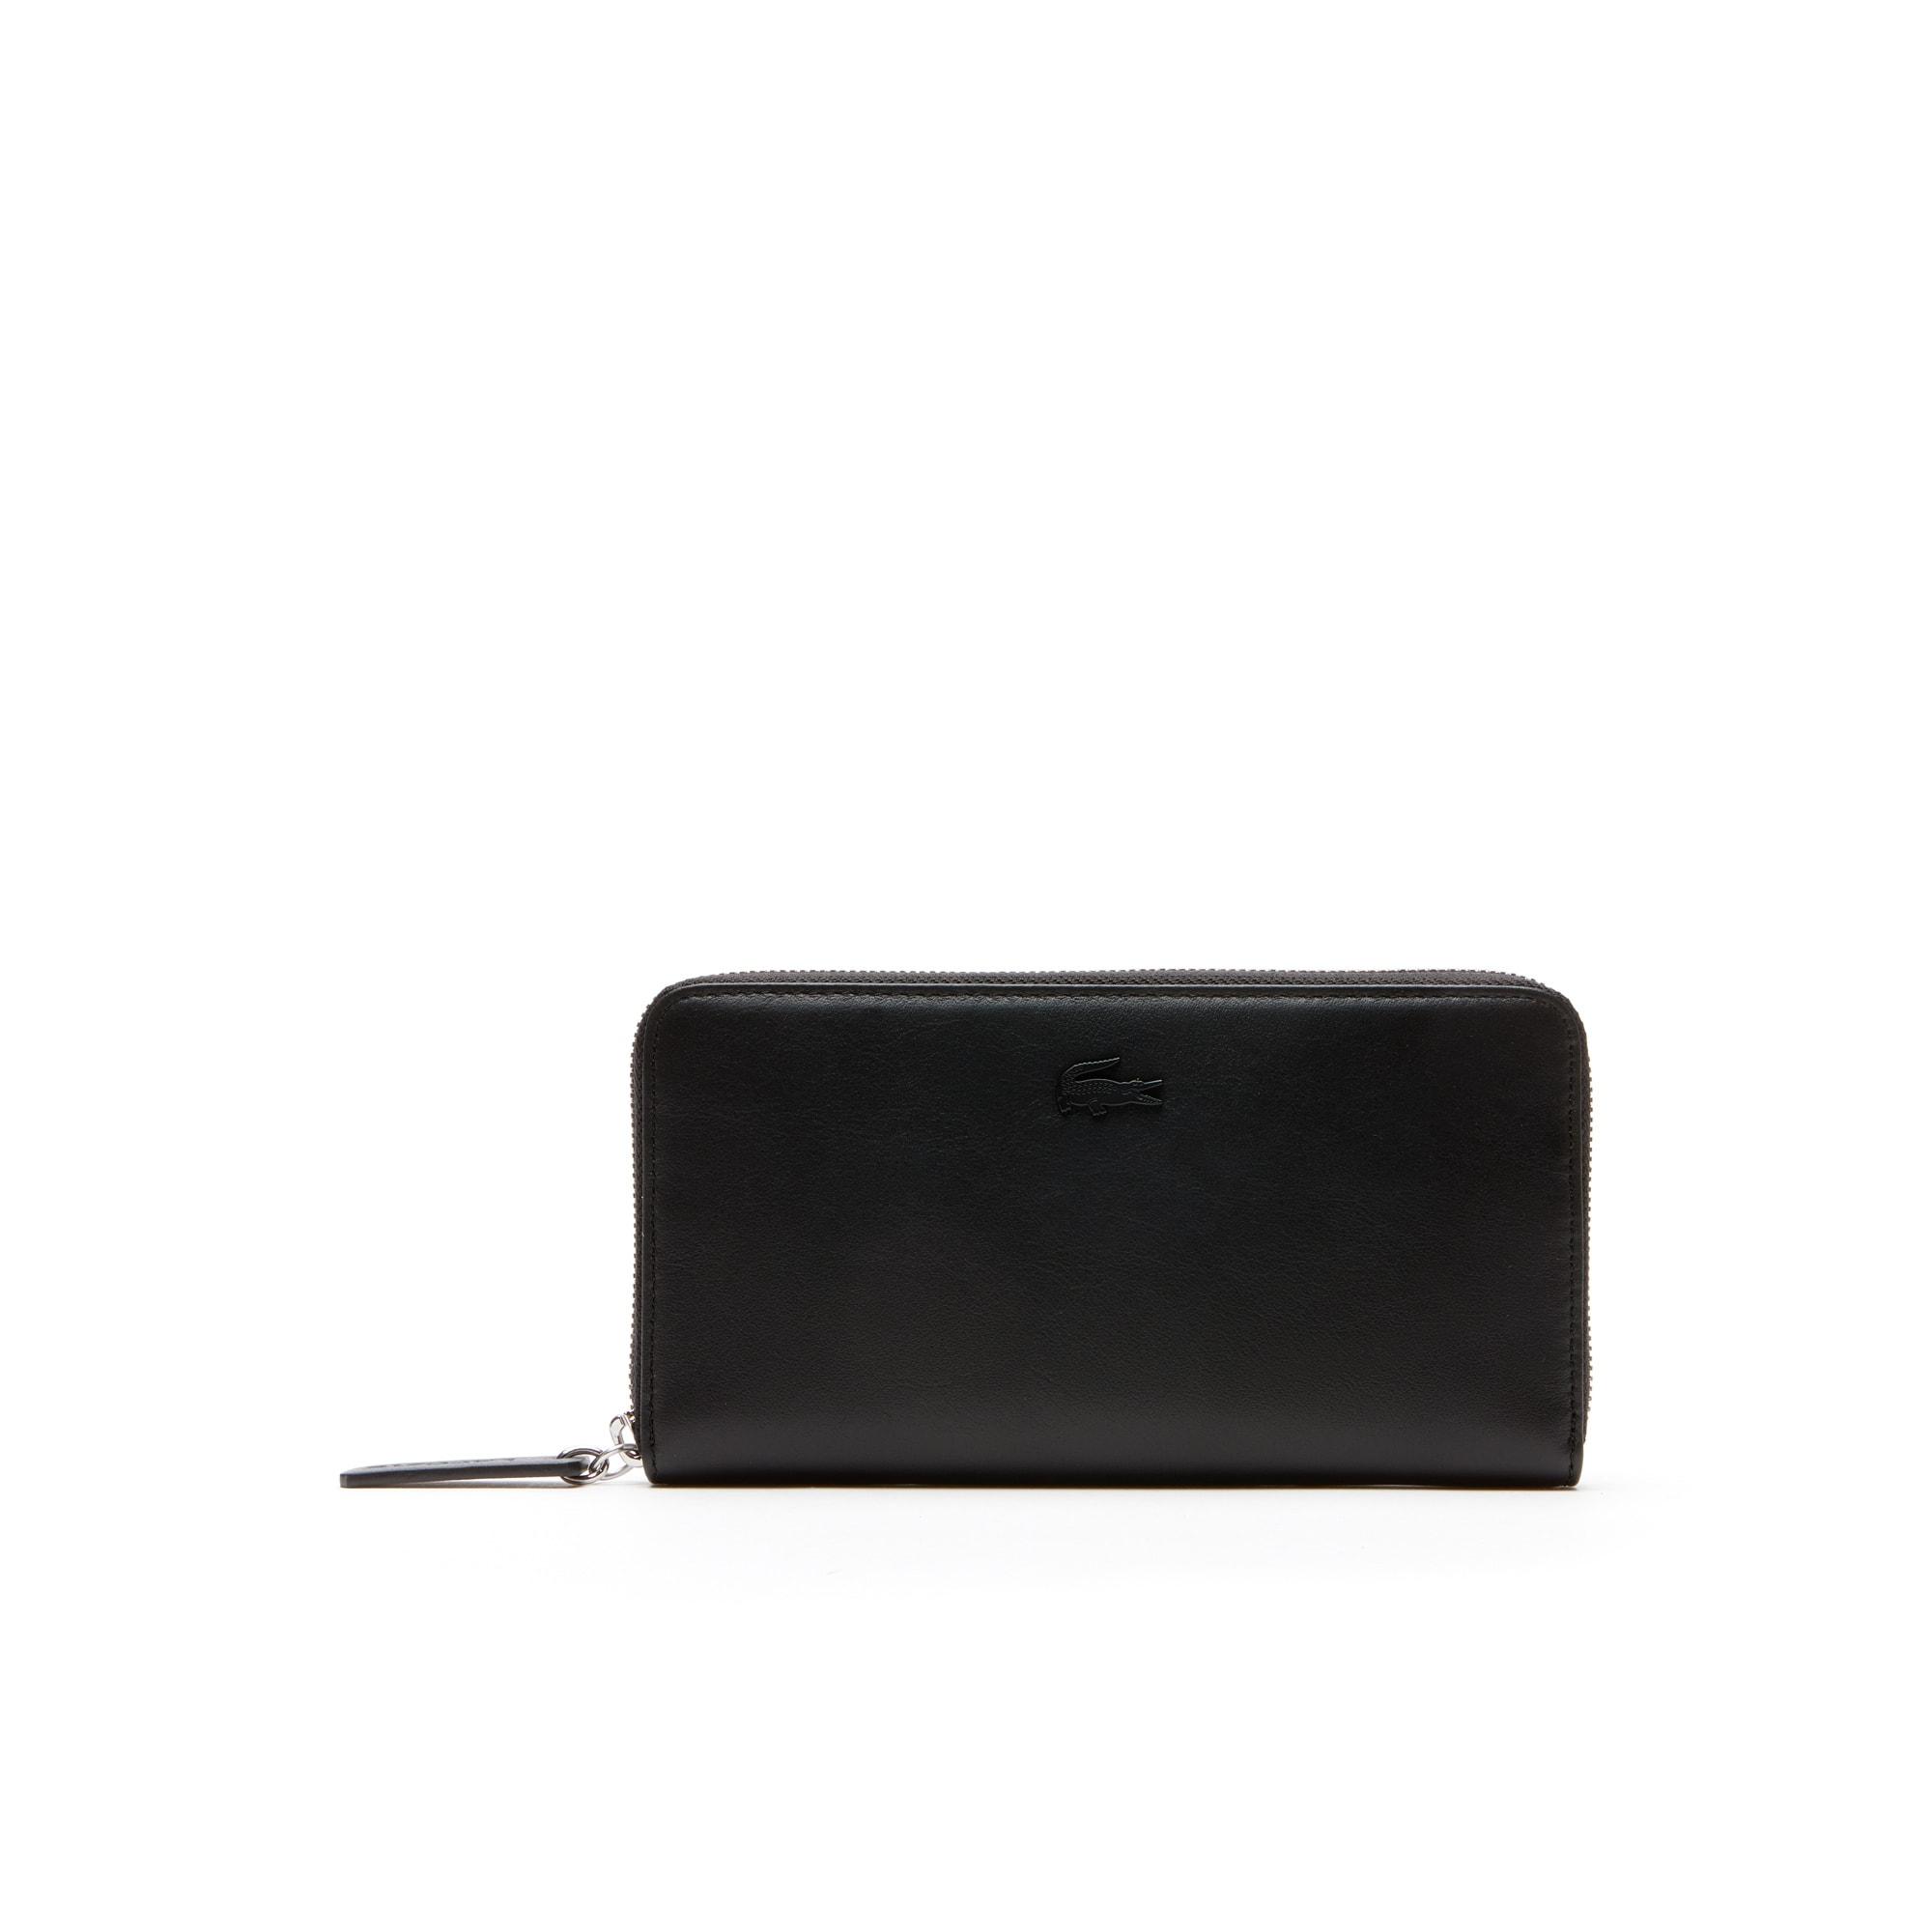 368c93d18430 Women s L.12.12 Leather 8 Card Zip Wallet